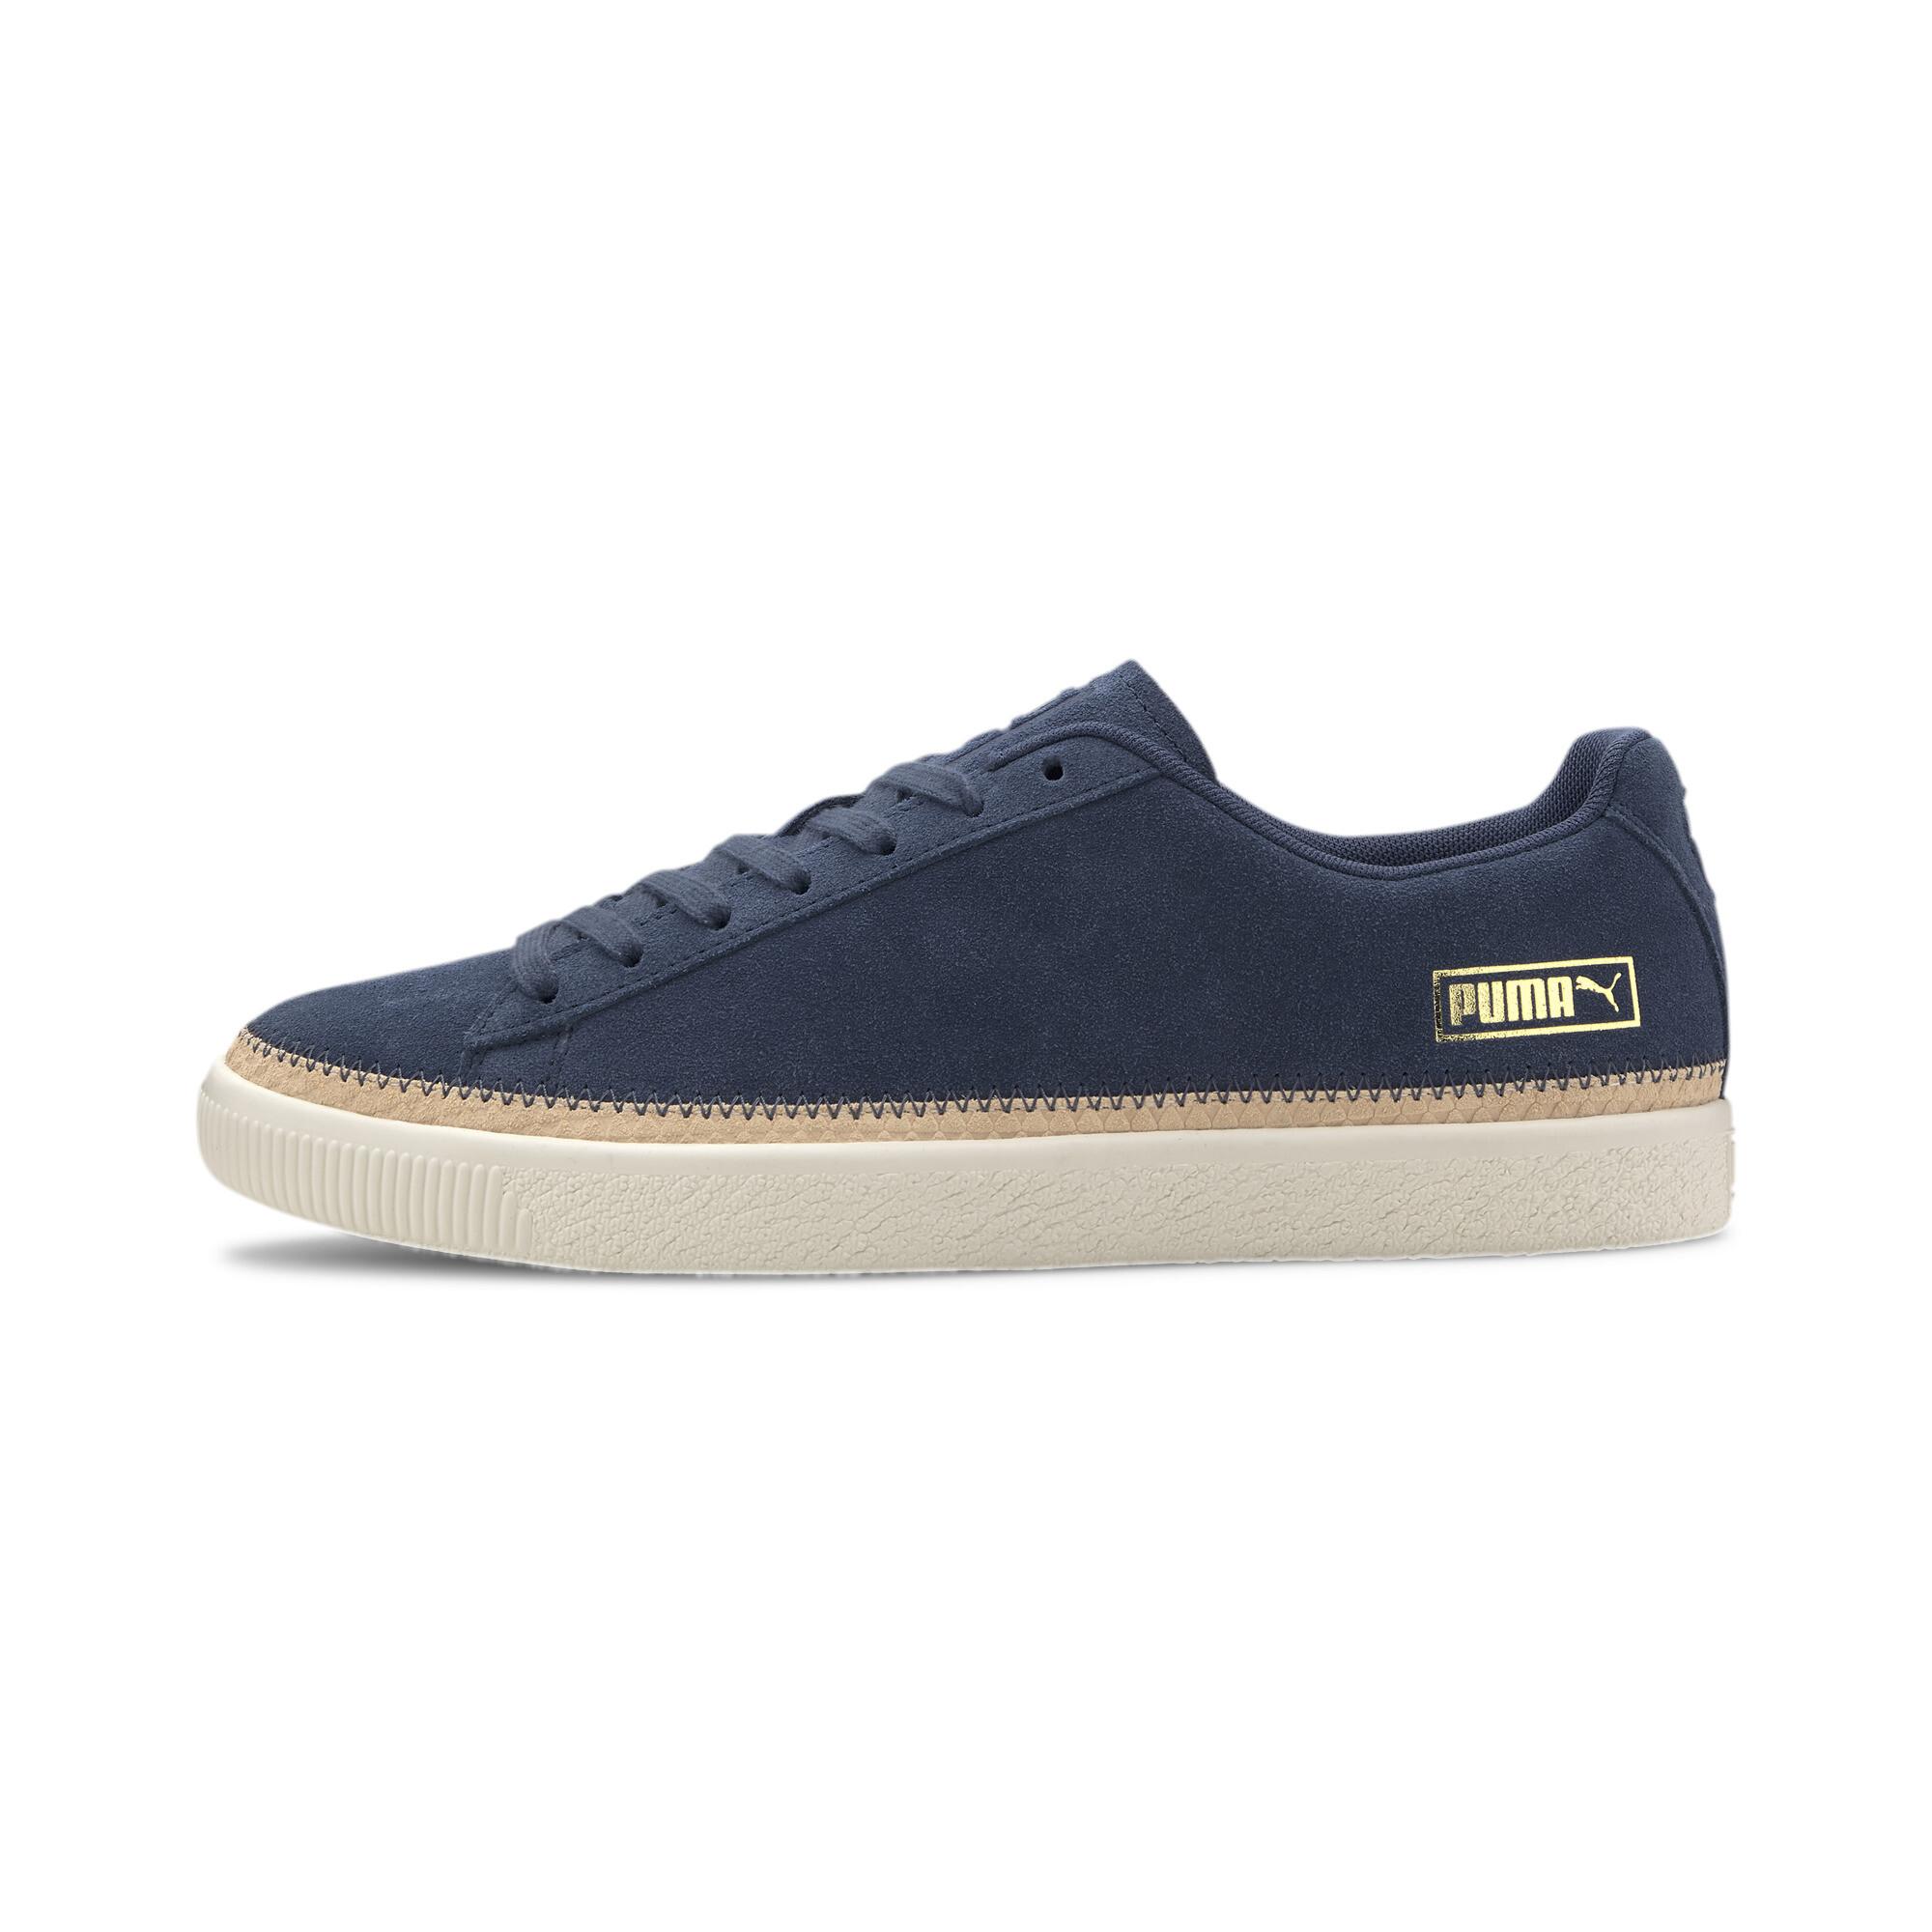 PUMA-Men-039-s-Suede-Trim-DLX-Sneakers thumbnail 11